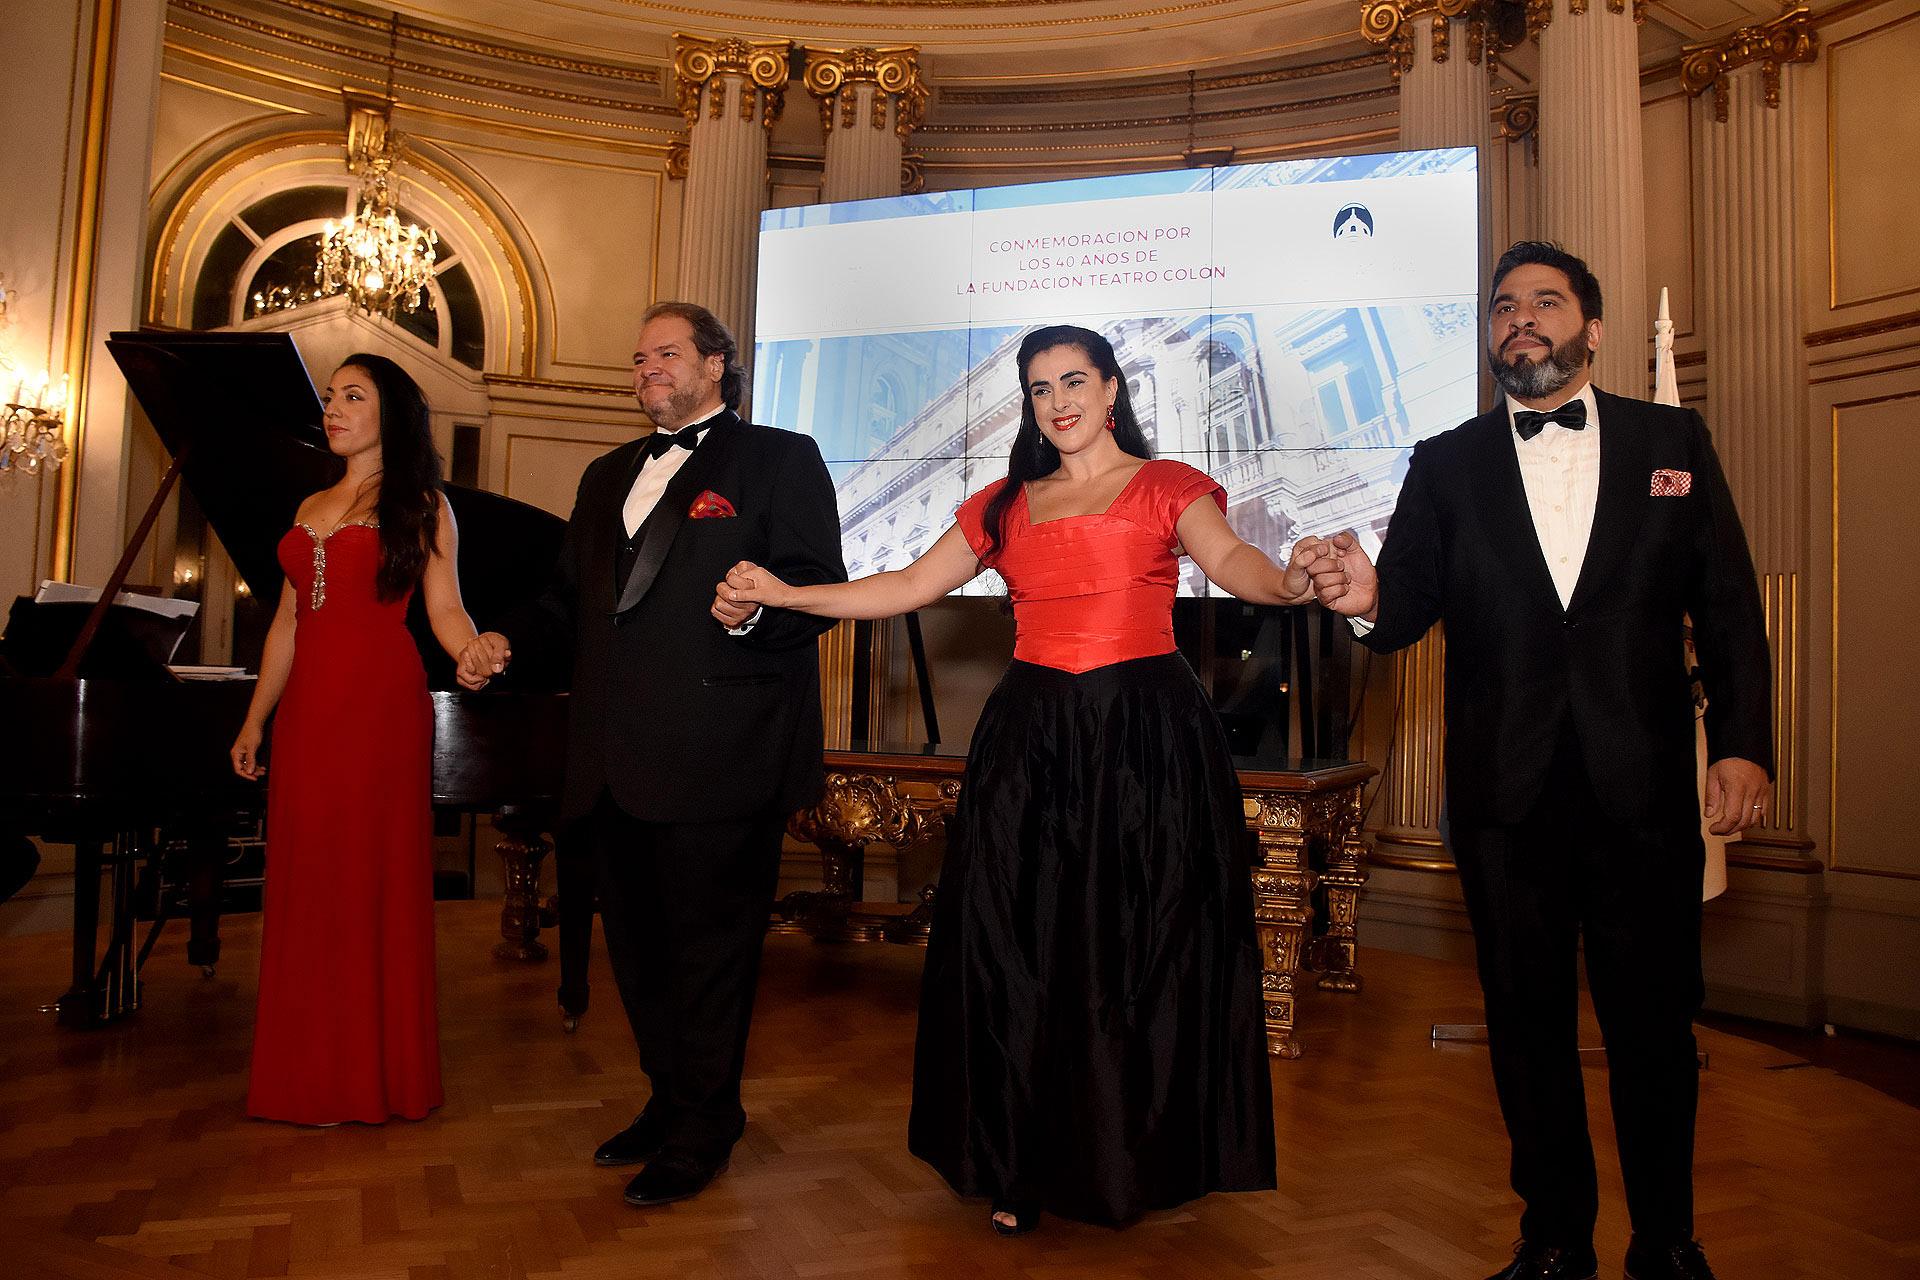 Como broche de oro, tuvo lugar un concierto con la participación del maestro Marcelo Ayub en piano, la soprano Marina Silva, el tenor Duilio Smiriglia, la mezzosoprano Rocío Arbizu y el barítono Cristian Maldonado